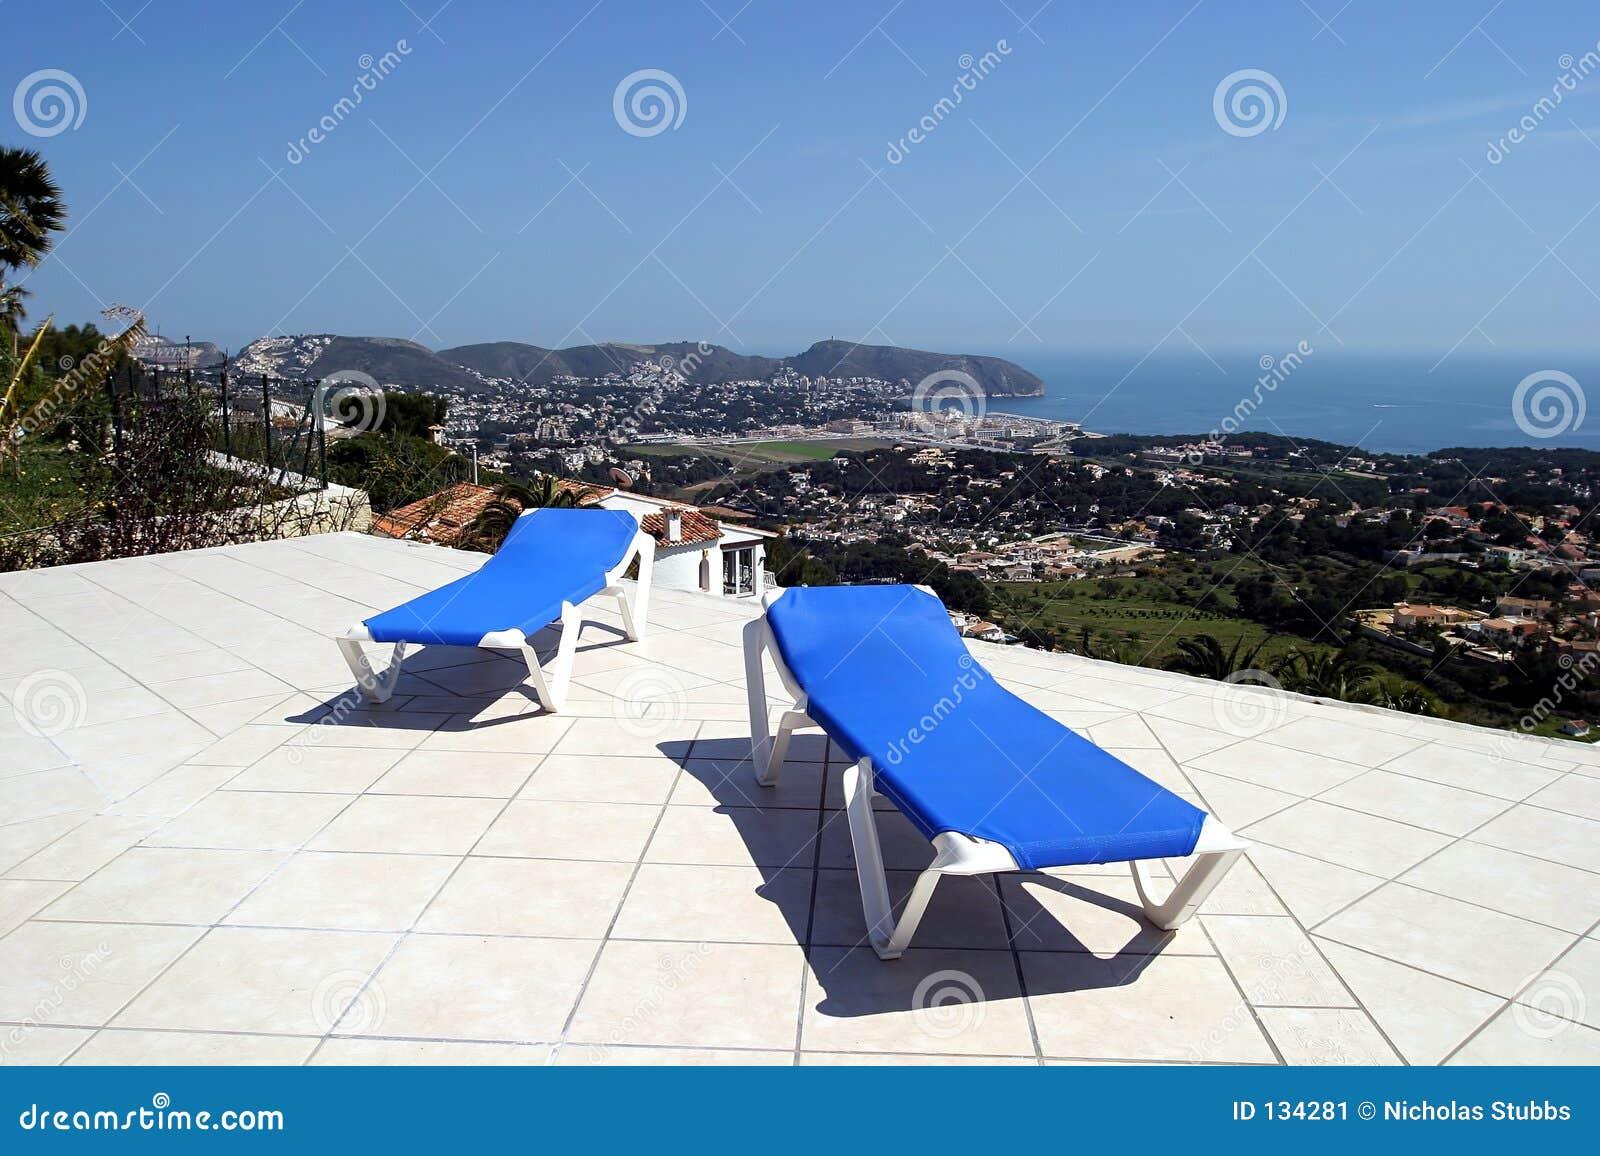 Fantastiska blåa havsunsunbeds terrasserar två sikter